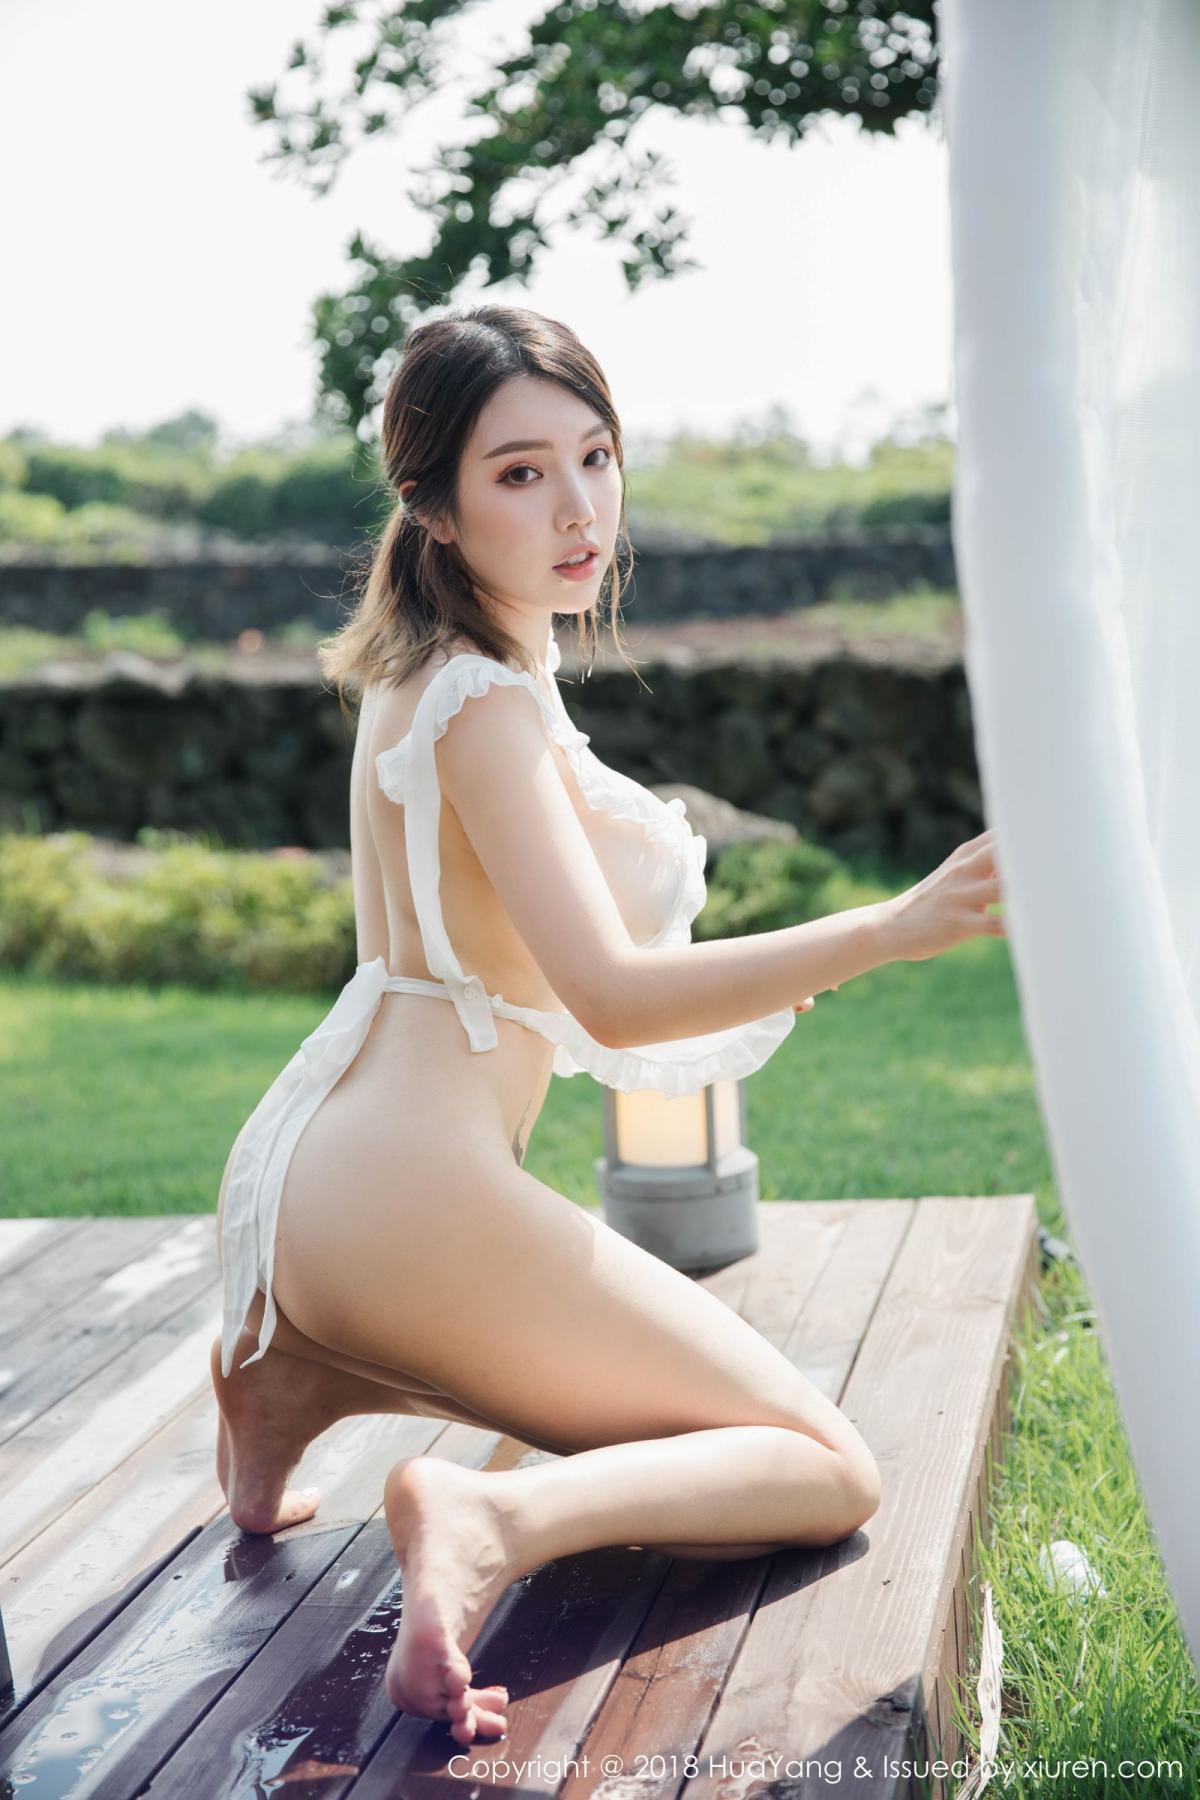 [Huayang] Vol.082 Huang Le Ran 28P, Adult, Huang Le Ran, HuaYang, Maid